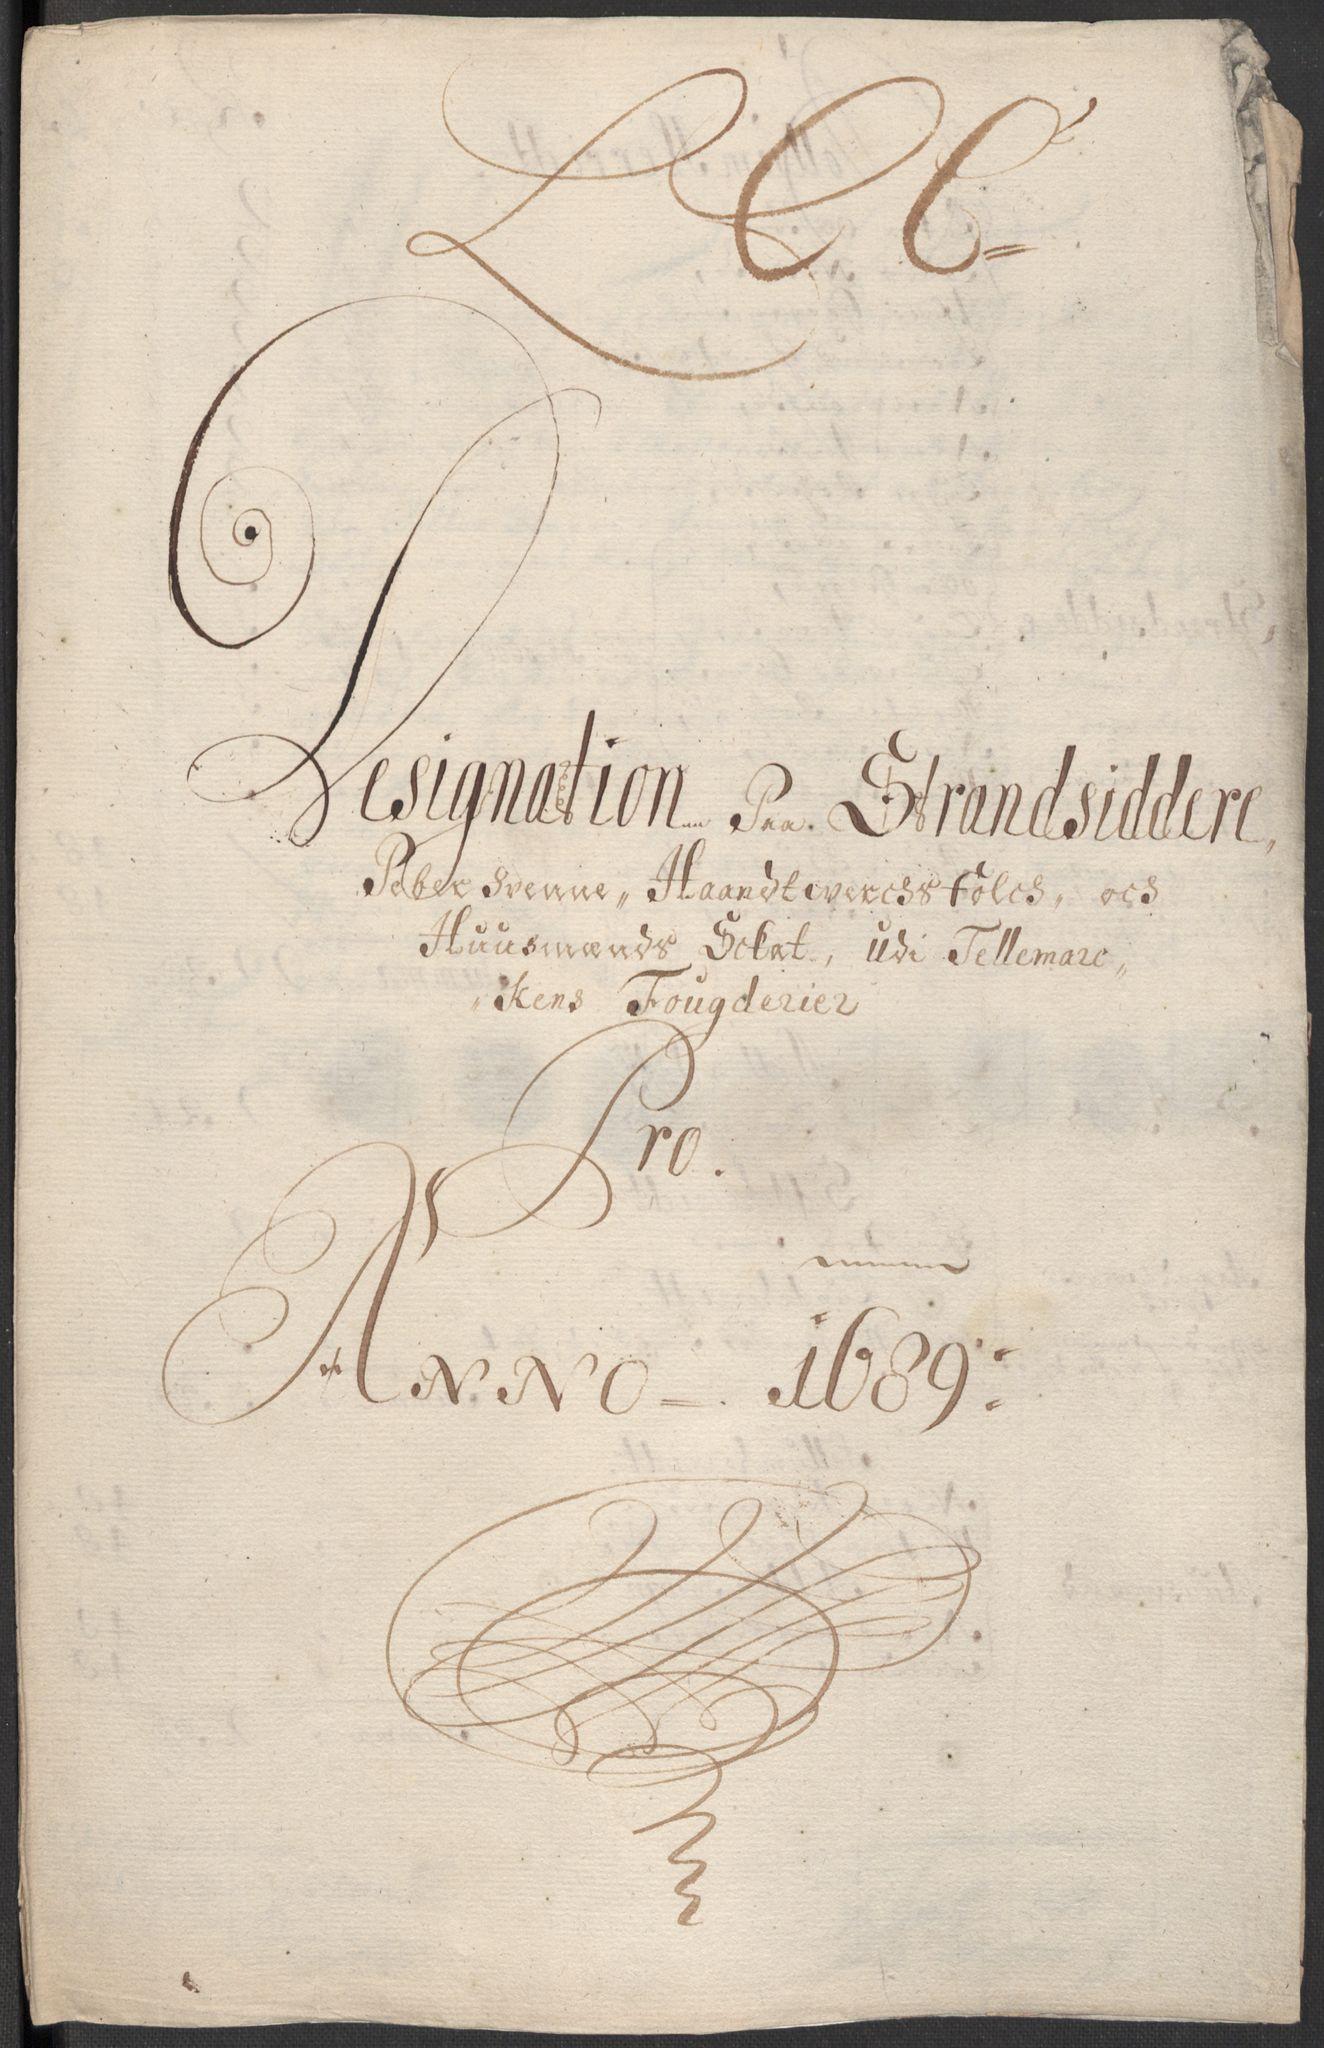 RA, Rentekammeret inntil 1814, Reviderte regnskaper, Fogderegnskap, R35/L2088: Fogderegnskap Øvre og Nedre Telemark, 1687-1689, s. 27